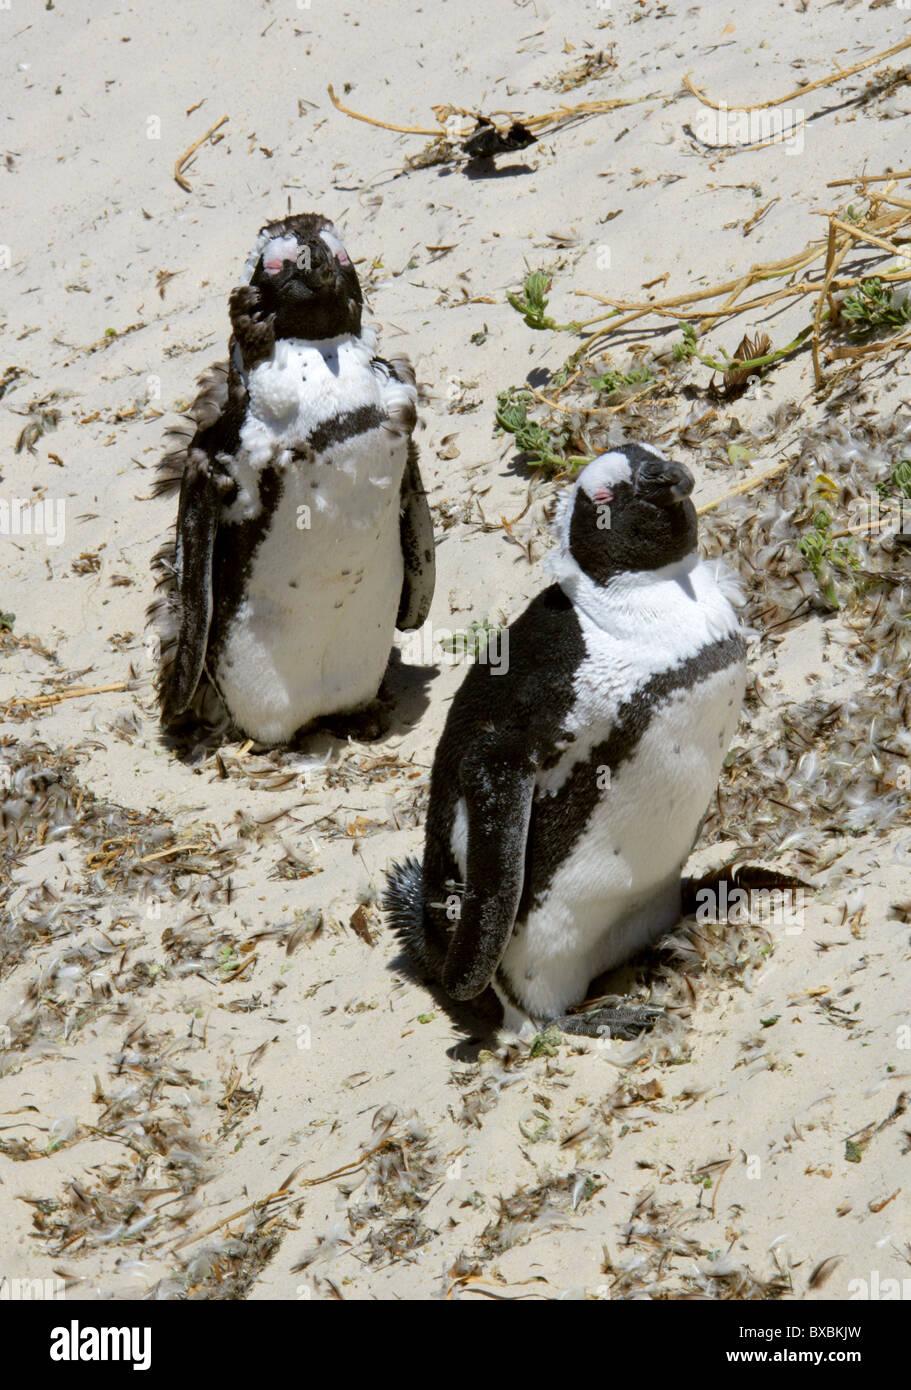 Moulting African, Black-footed or Jackass Penguins, Spheniscus demersus, Spheniscidae. Boulders Bay, Cape Peninsular. - Stock Image